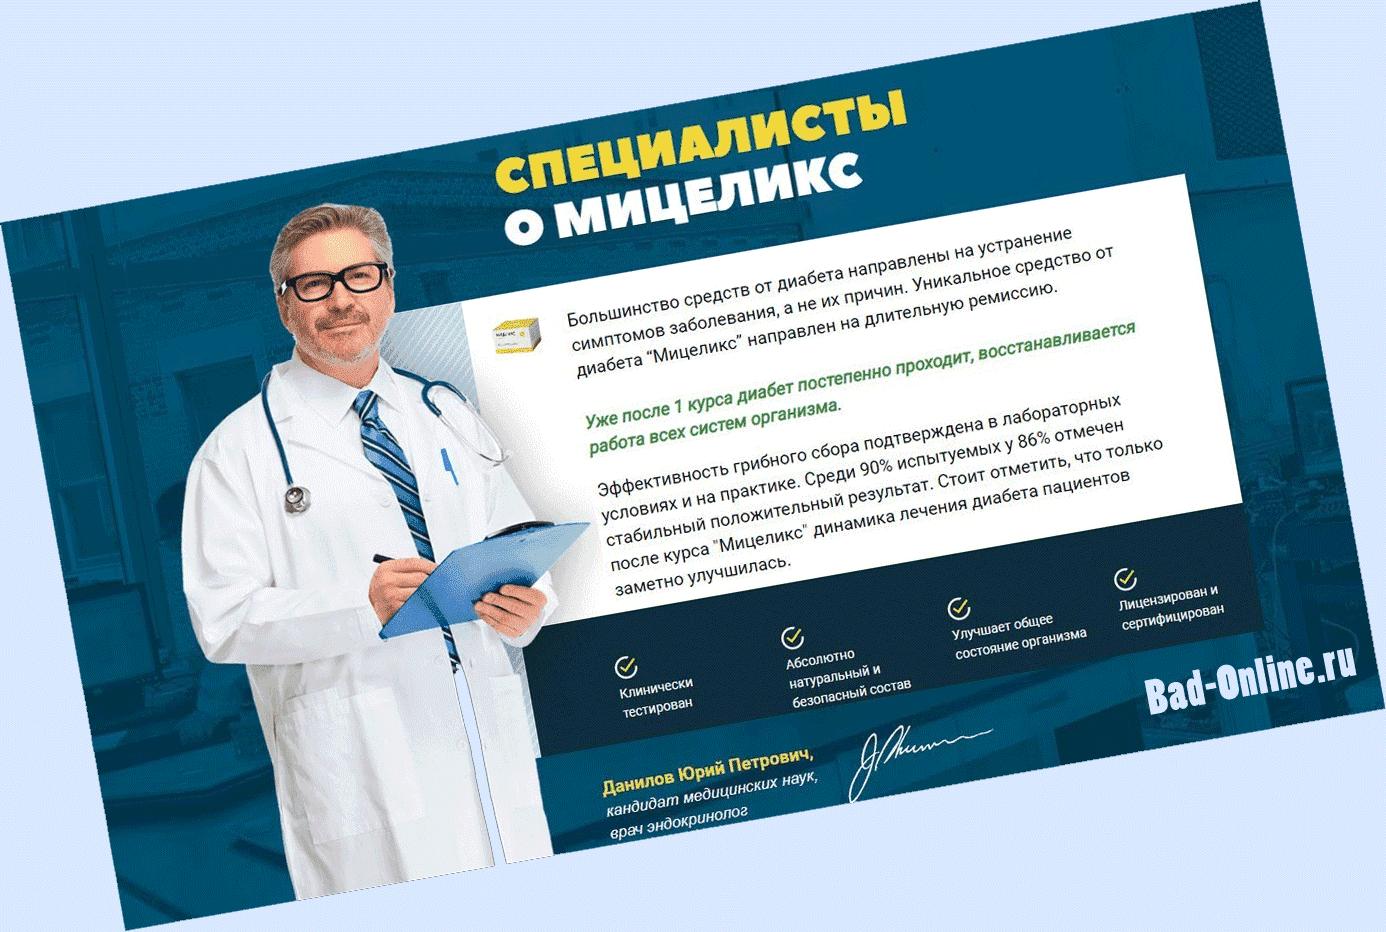 Реальные отзывы клиентов и врачей о Мицеликс